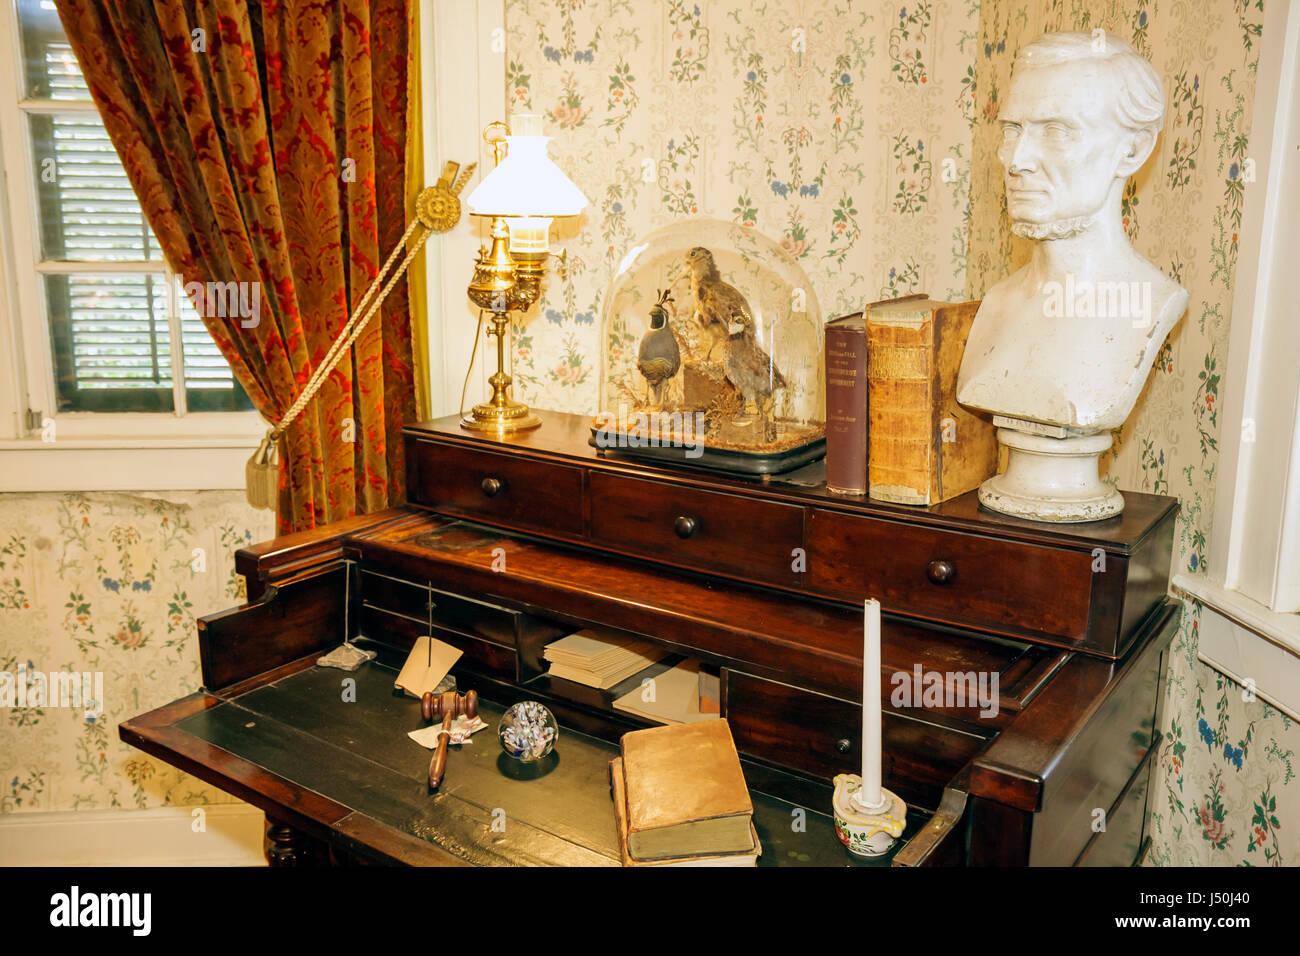 Alabama, AL, Sur, Condado de Montgomery, Montgomery, primera Casa Blanca de la Confederación, Jefferson Davis, Guerra Civil, escritorio, busto, interior, antiguo, qu Foto de stock